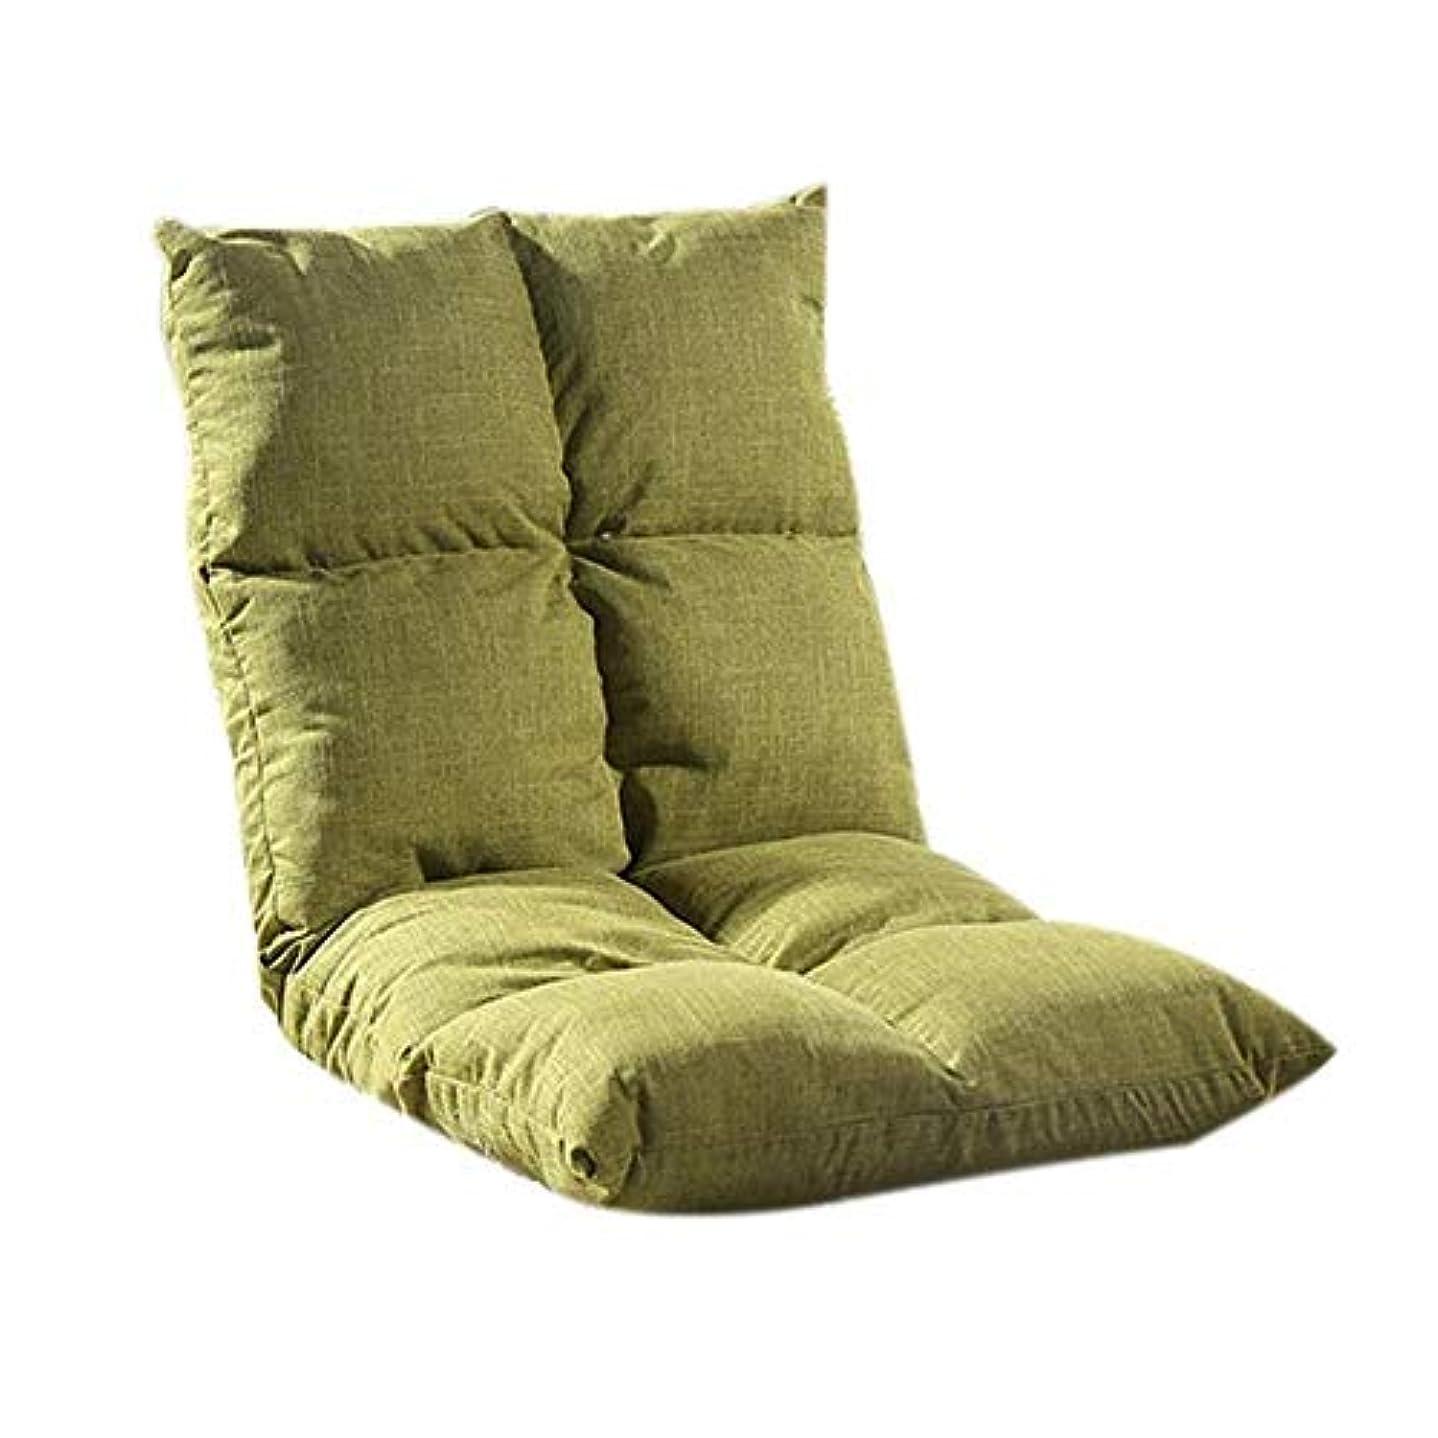 緩める繊維一口怠zyなフロアチェア、畳クッション、シングルメディテーションチェア、背もたれ一体型フロアクッション、折りたたみ式厚手バルコニー和風、調節可能な椅子怠Adjustなソファゲームチェア (Color : 緑)